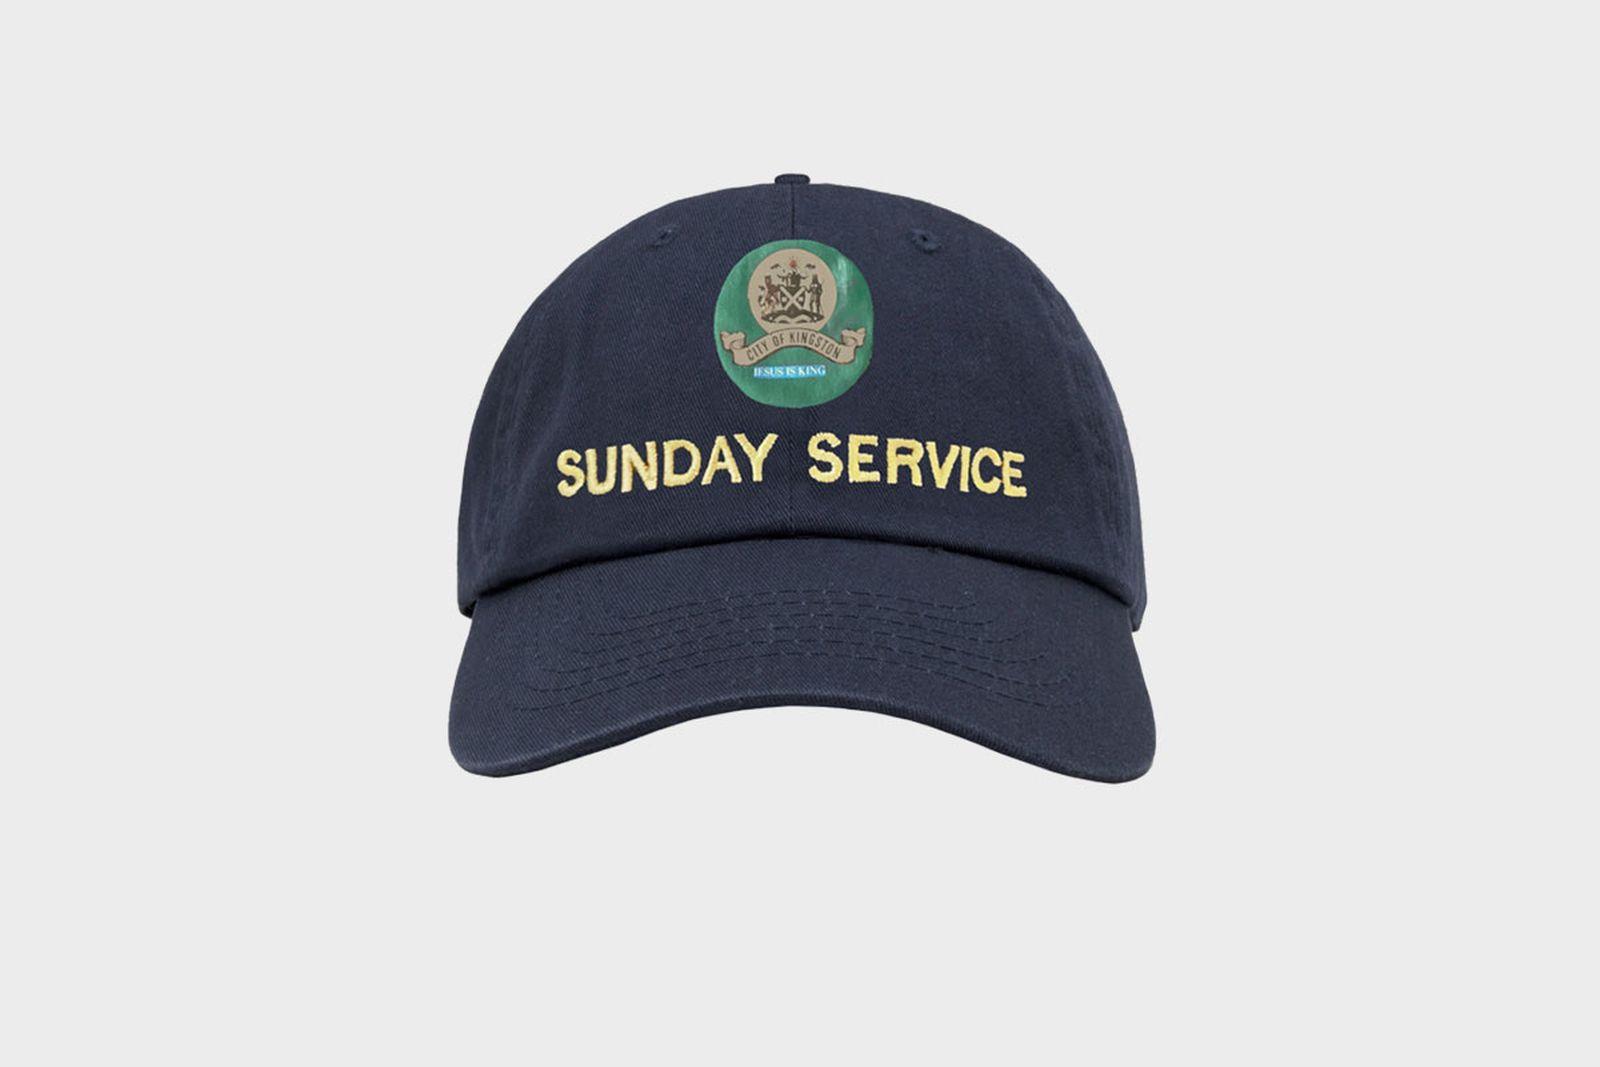 kanye west kingston sunday service